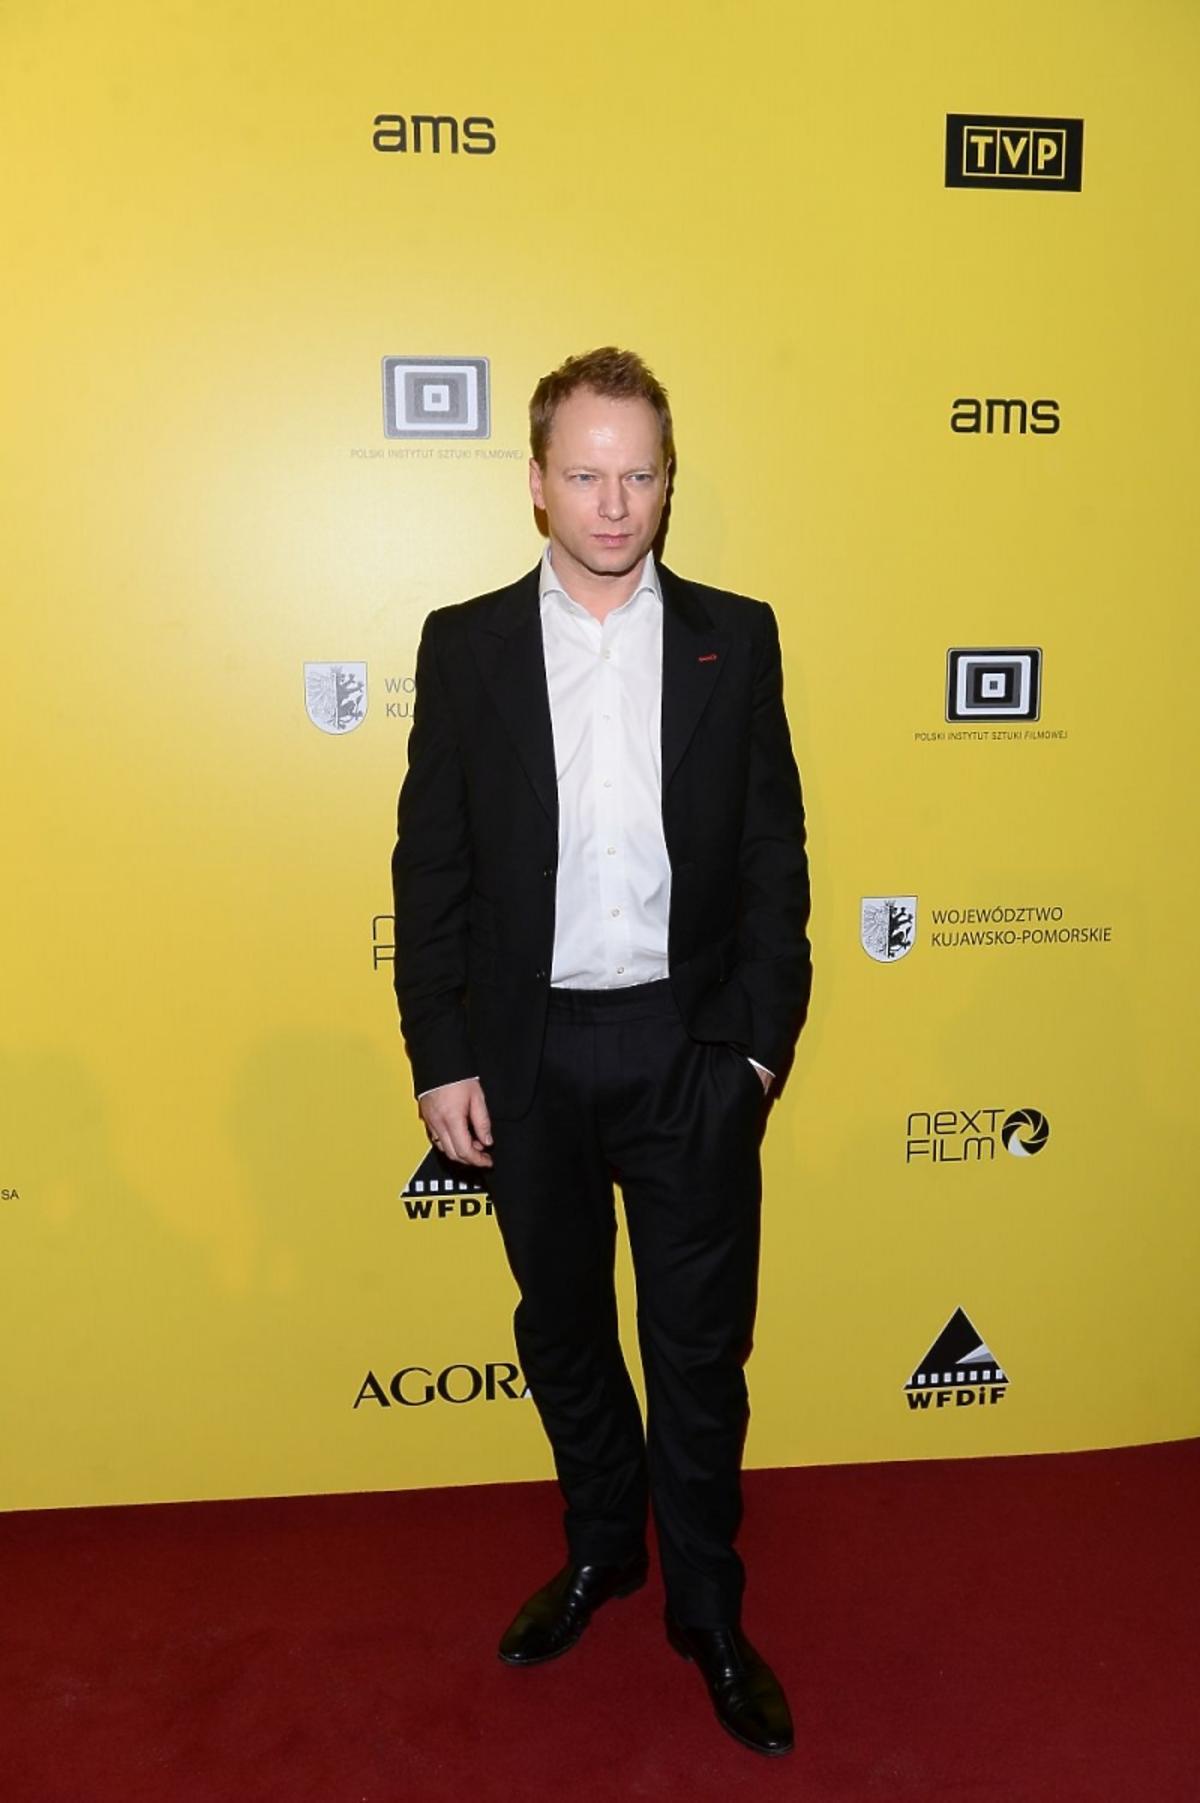 Maciej Stuhr na premierze filmu